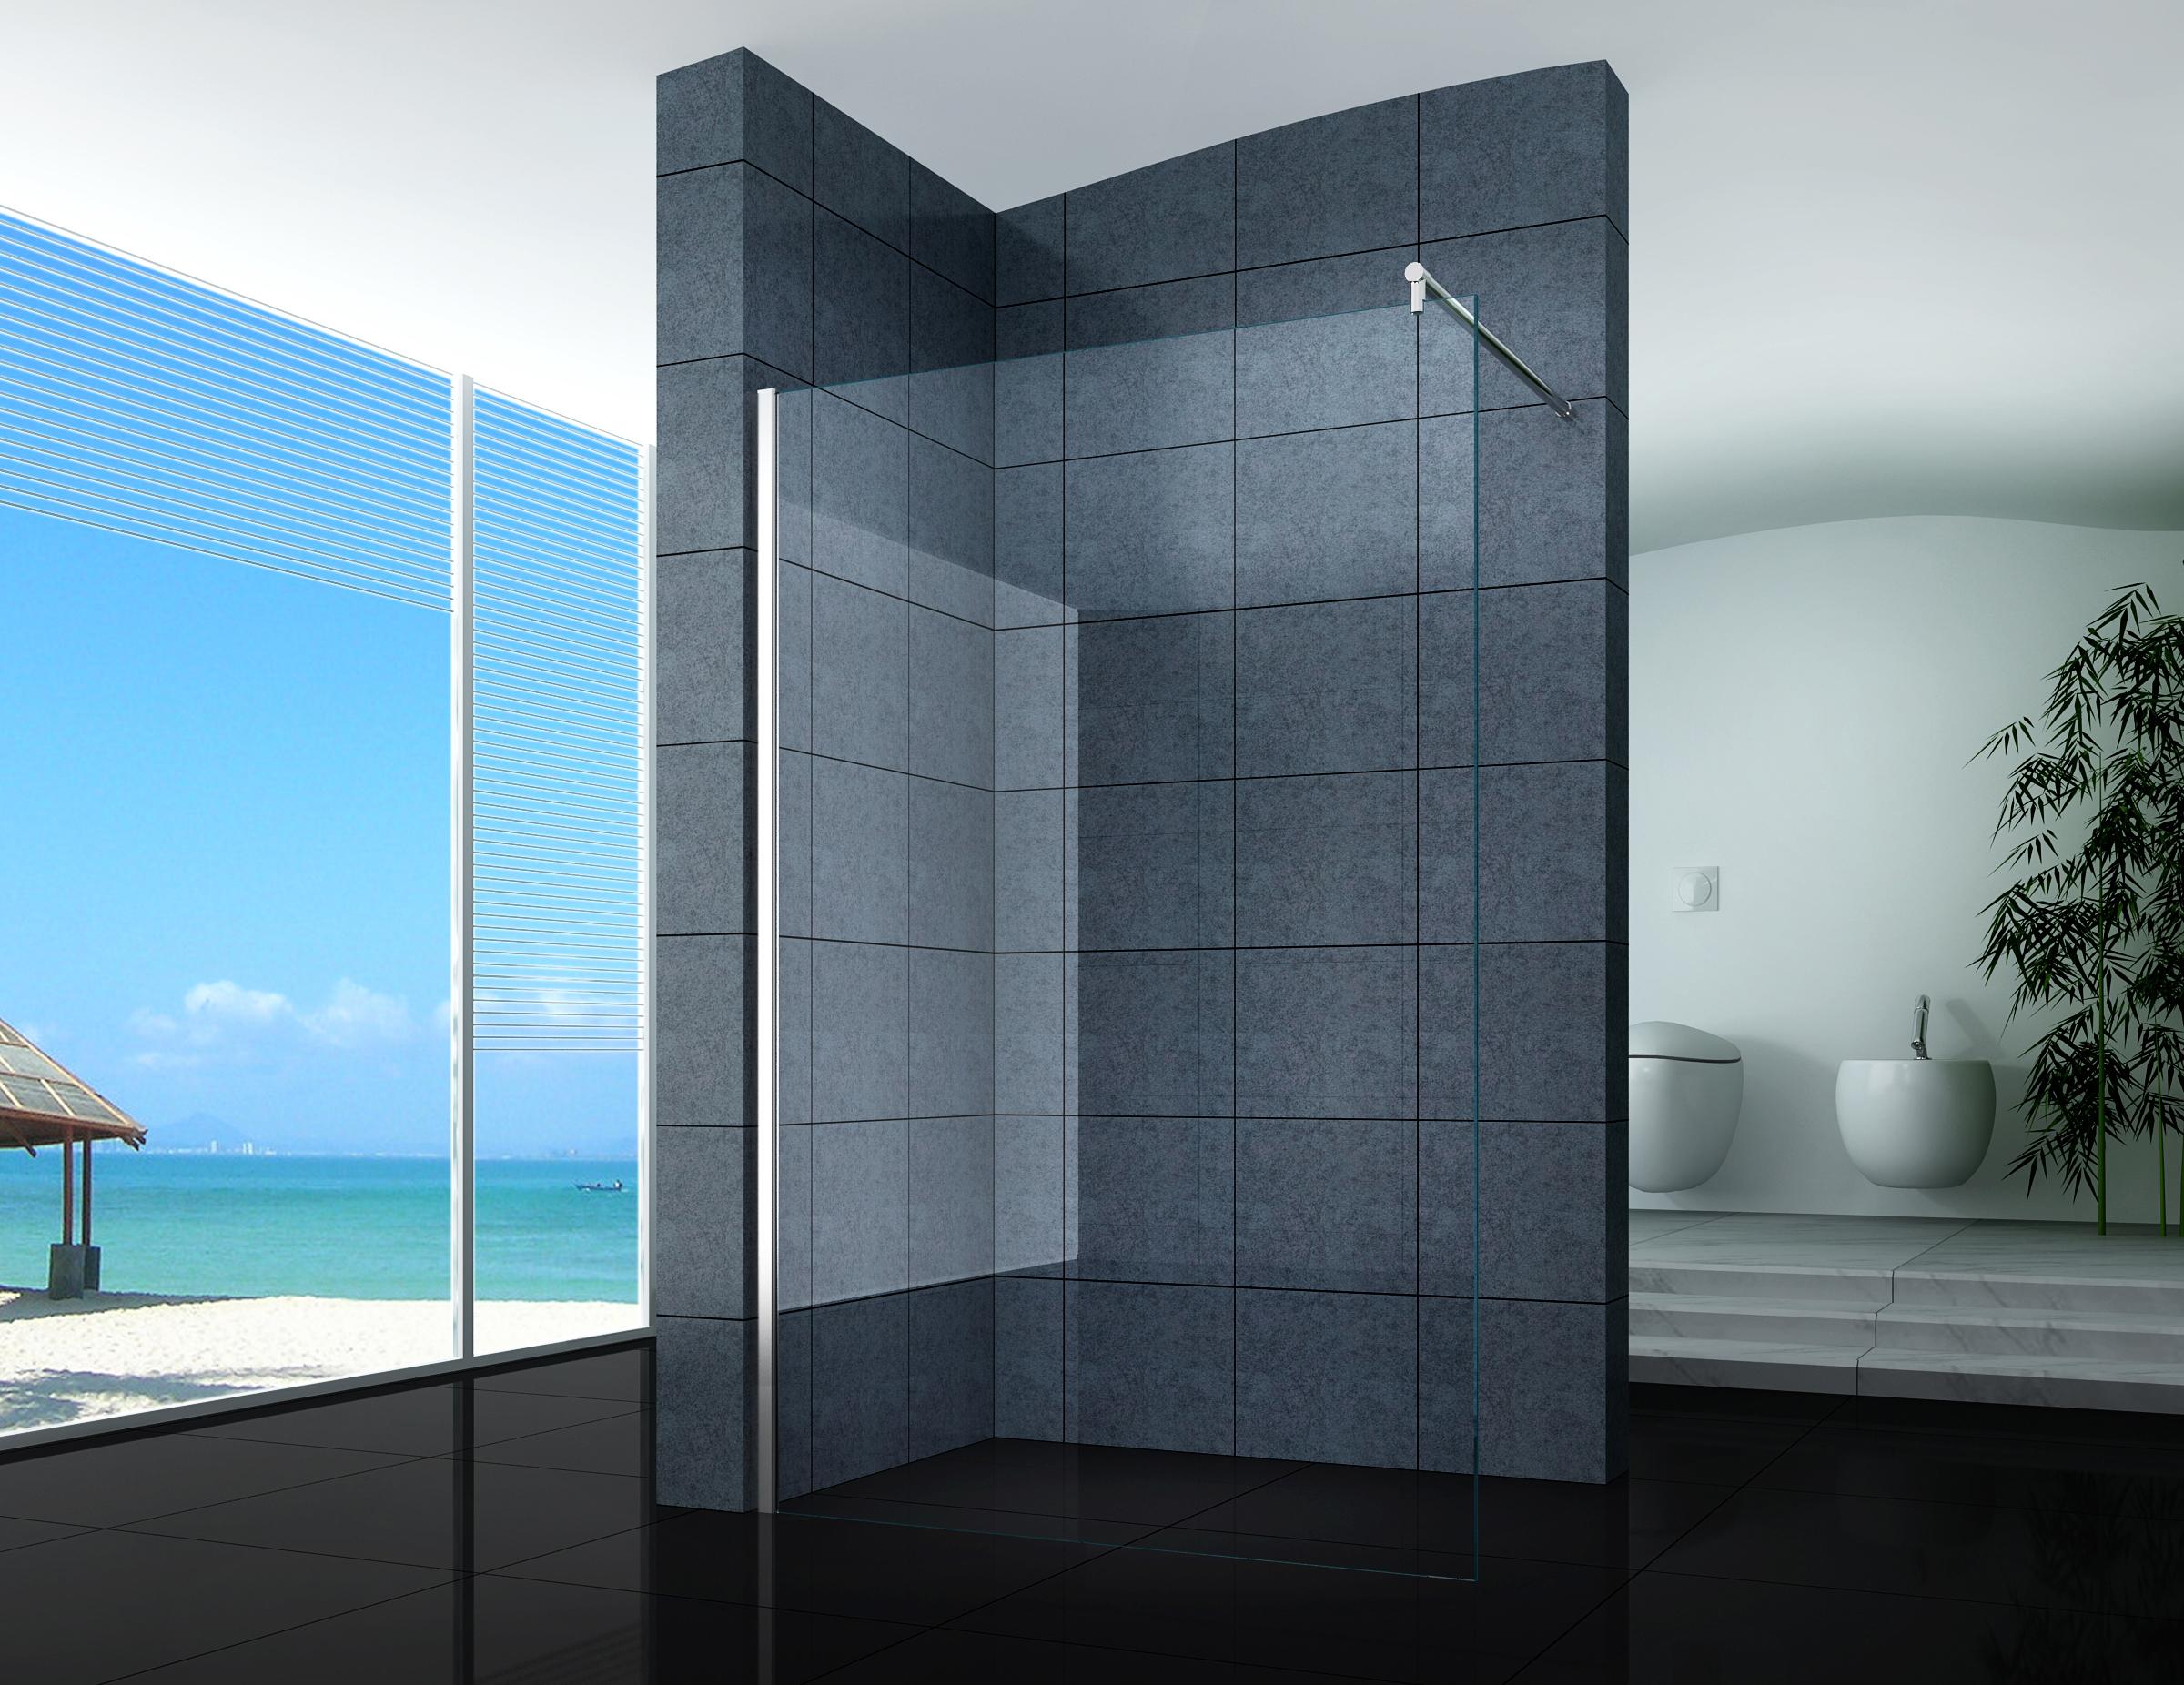 Duschabtrennungen mit Duschwand 120cm | eBay | {Duschabtrennung badewanne faltbar 91}